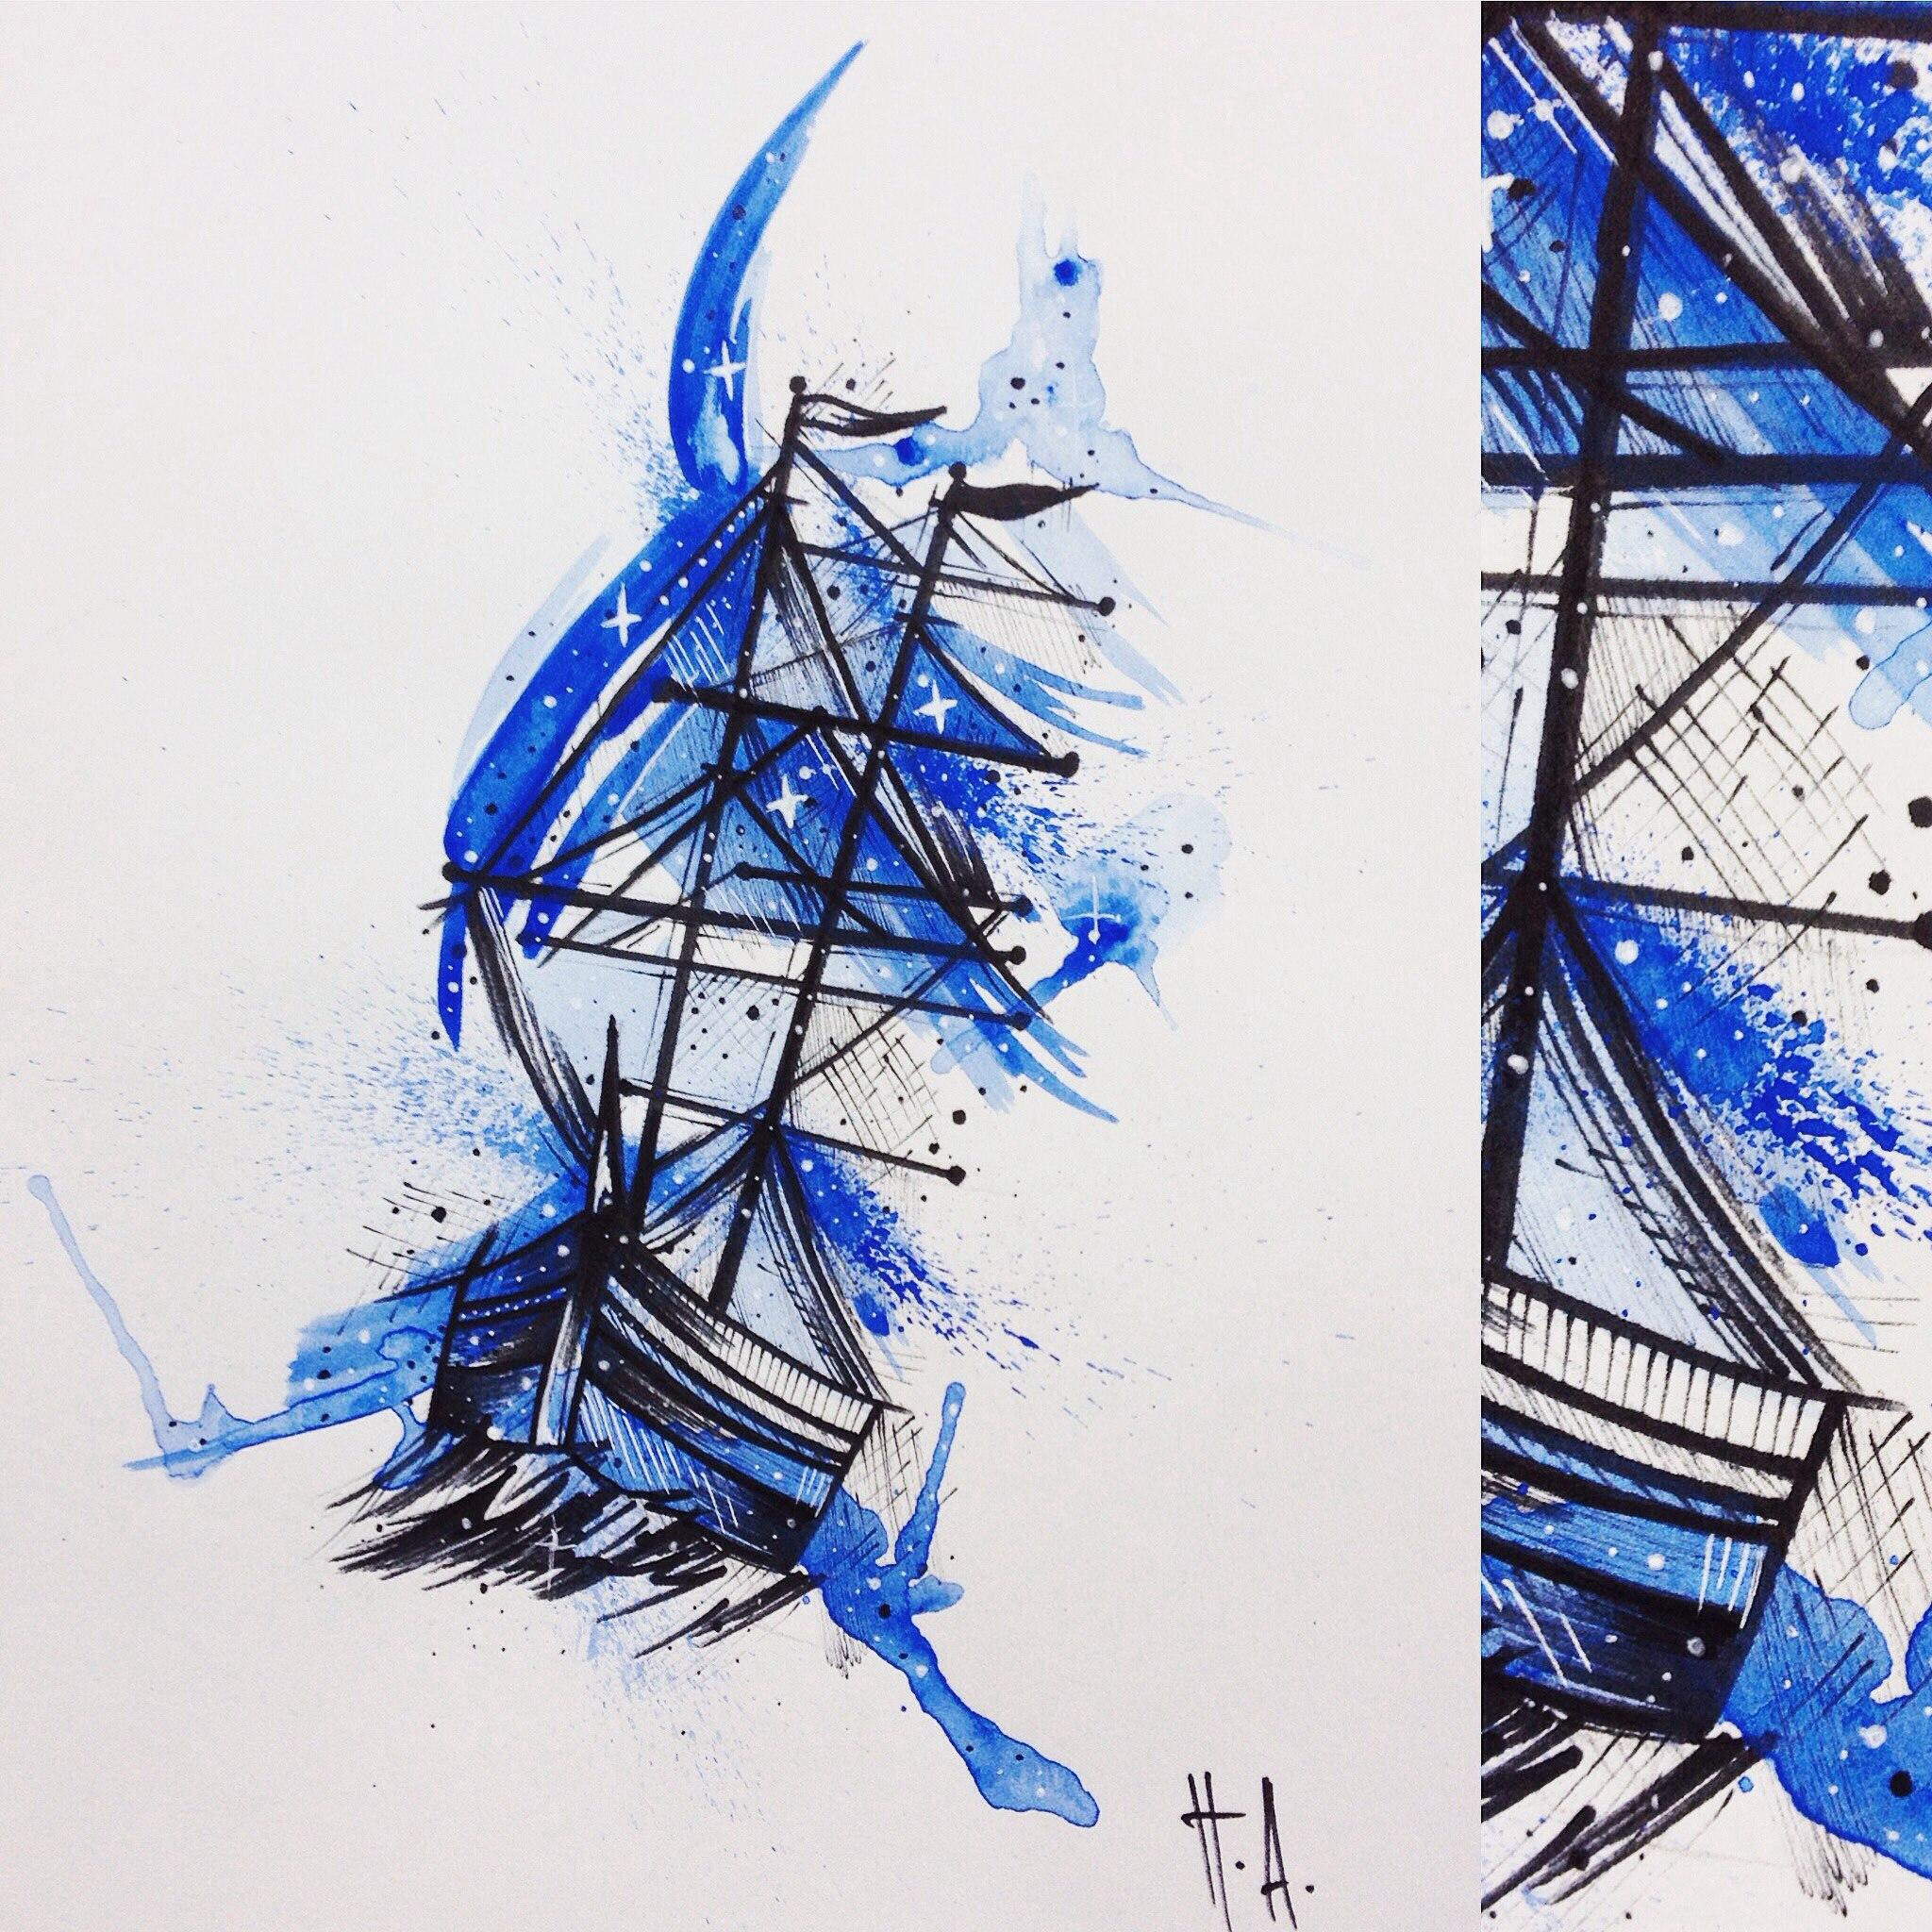 Свободный эскиз «Корабль». Мастер Паша Аникеев